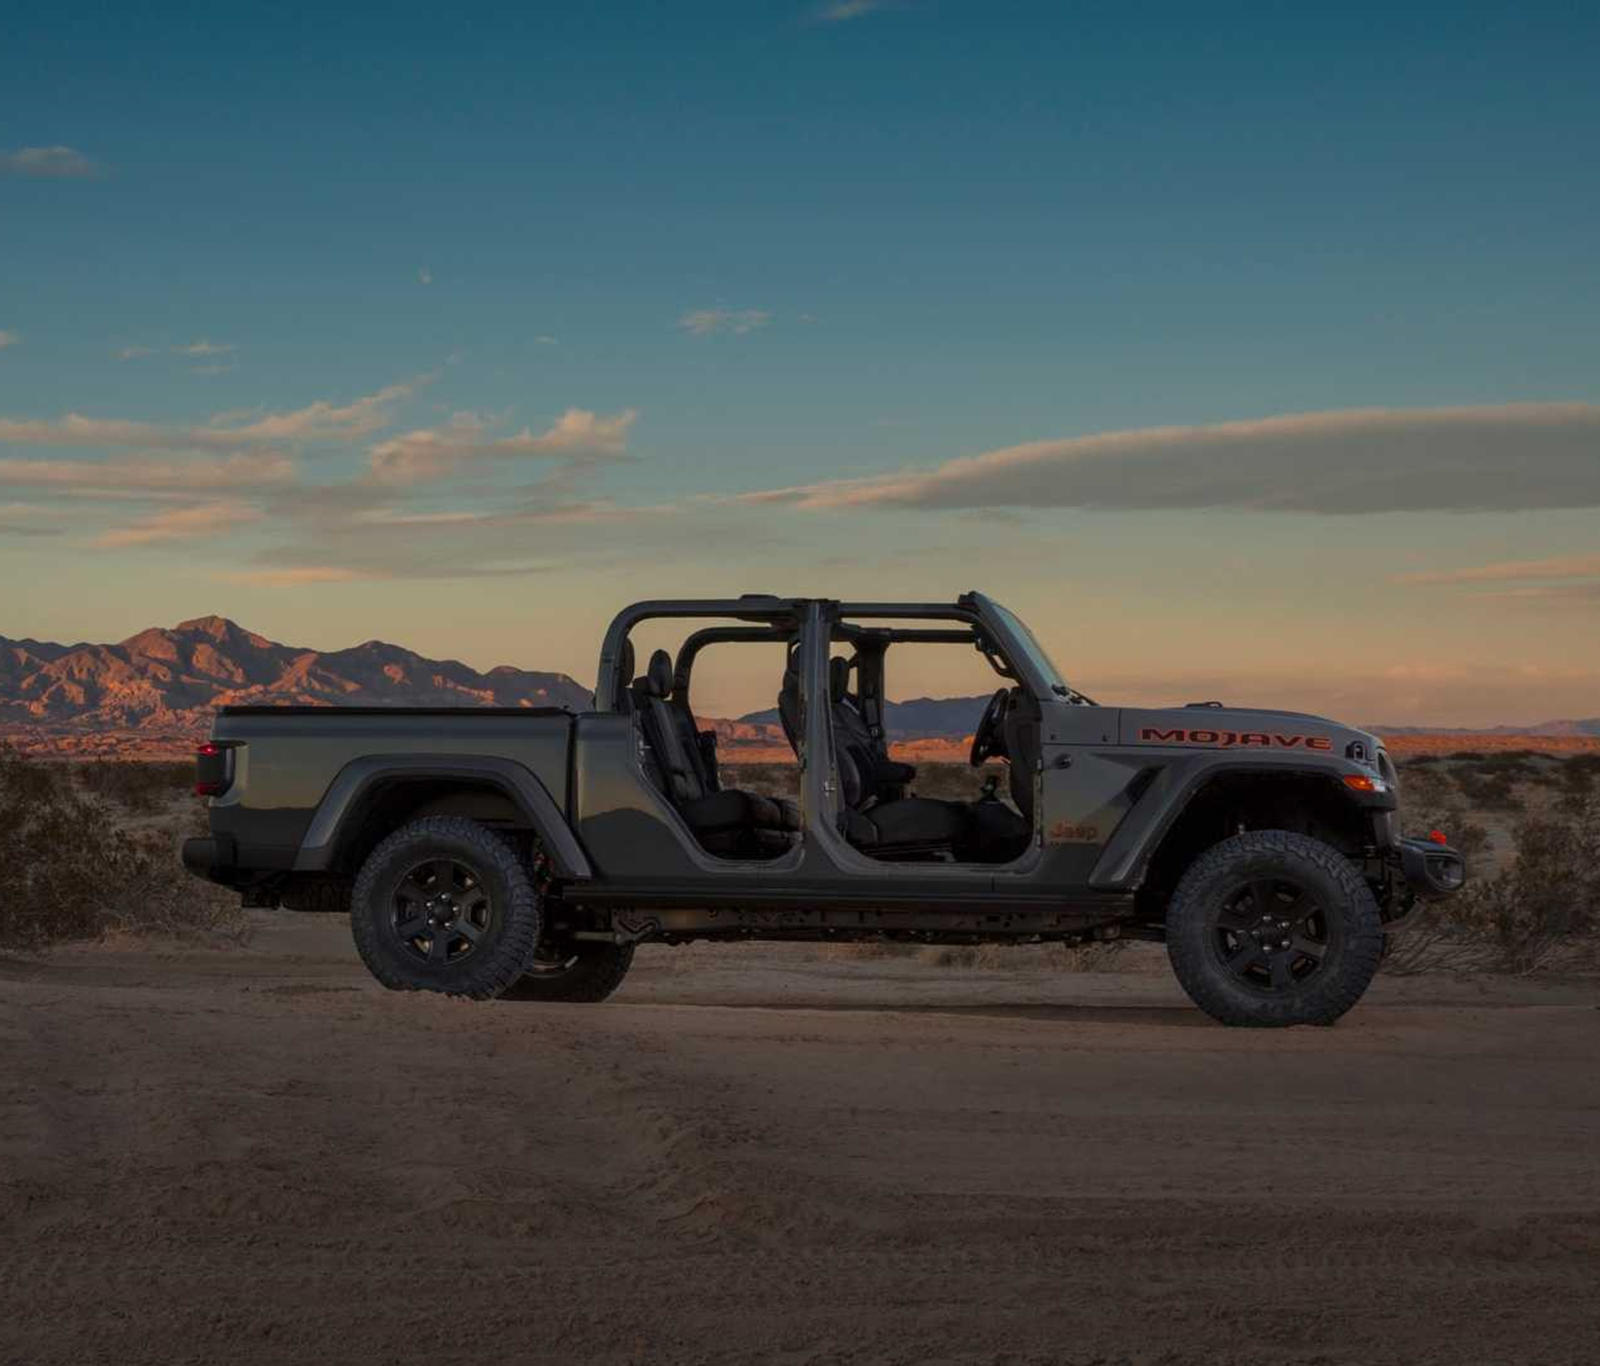 Ходят слухи, что Wrangler добавит отделку Mojave в будущем, и нет никаких сомнений в том, что подобные слухи о Jeep Gladiator Rubicon 392 появятся. Но пока, по крайней мере, они останутся только слухами.